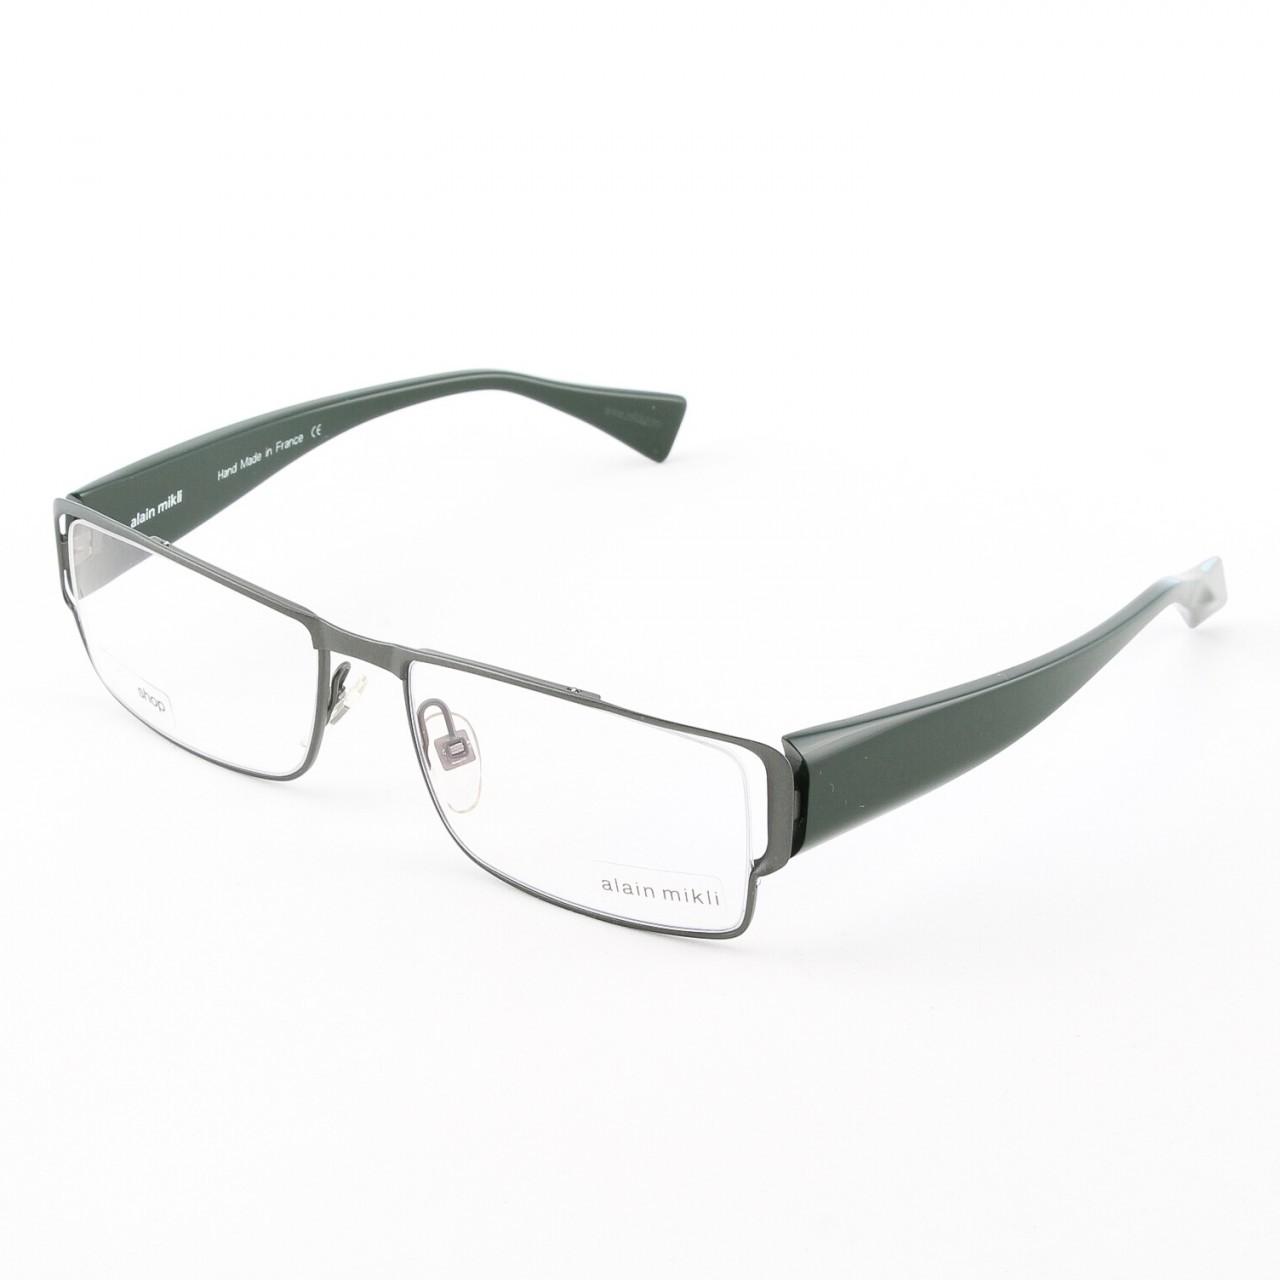 Alain Mikli AL0868 Eyeglasses Grey Green Frame RX Clear ...